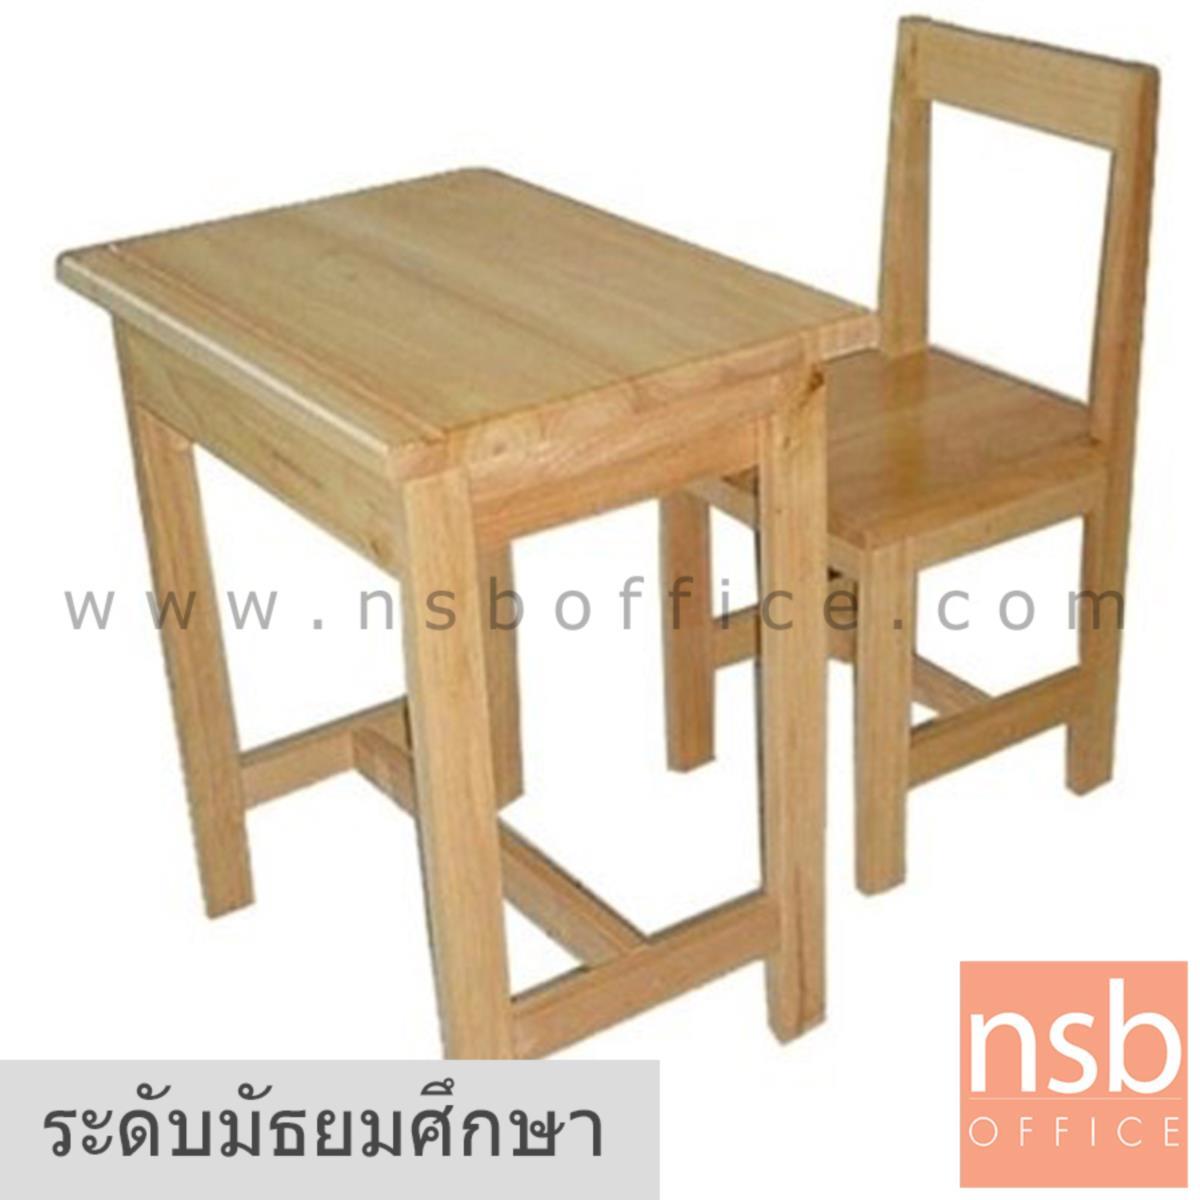 A17A063:ชุดโต๊ะและเก้าอี้นักเรียนไม้พาราล้วน รุ่น MARYLAND (แมรีแลนด์)  ระดับประถมศึกษา